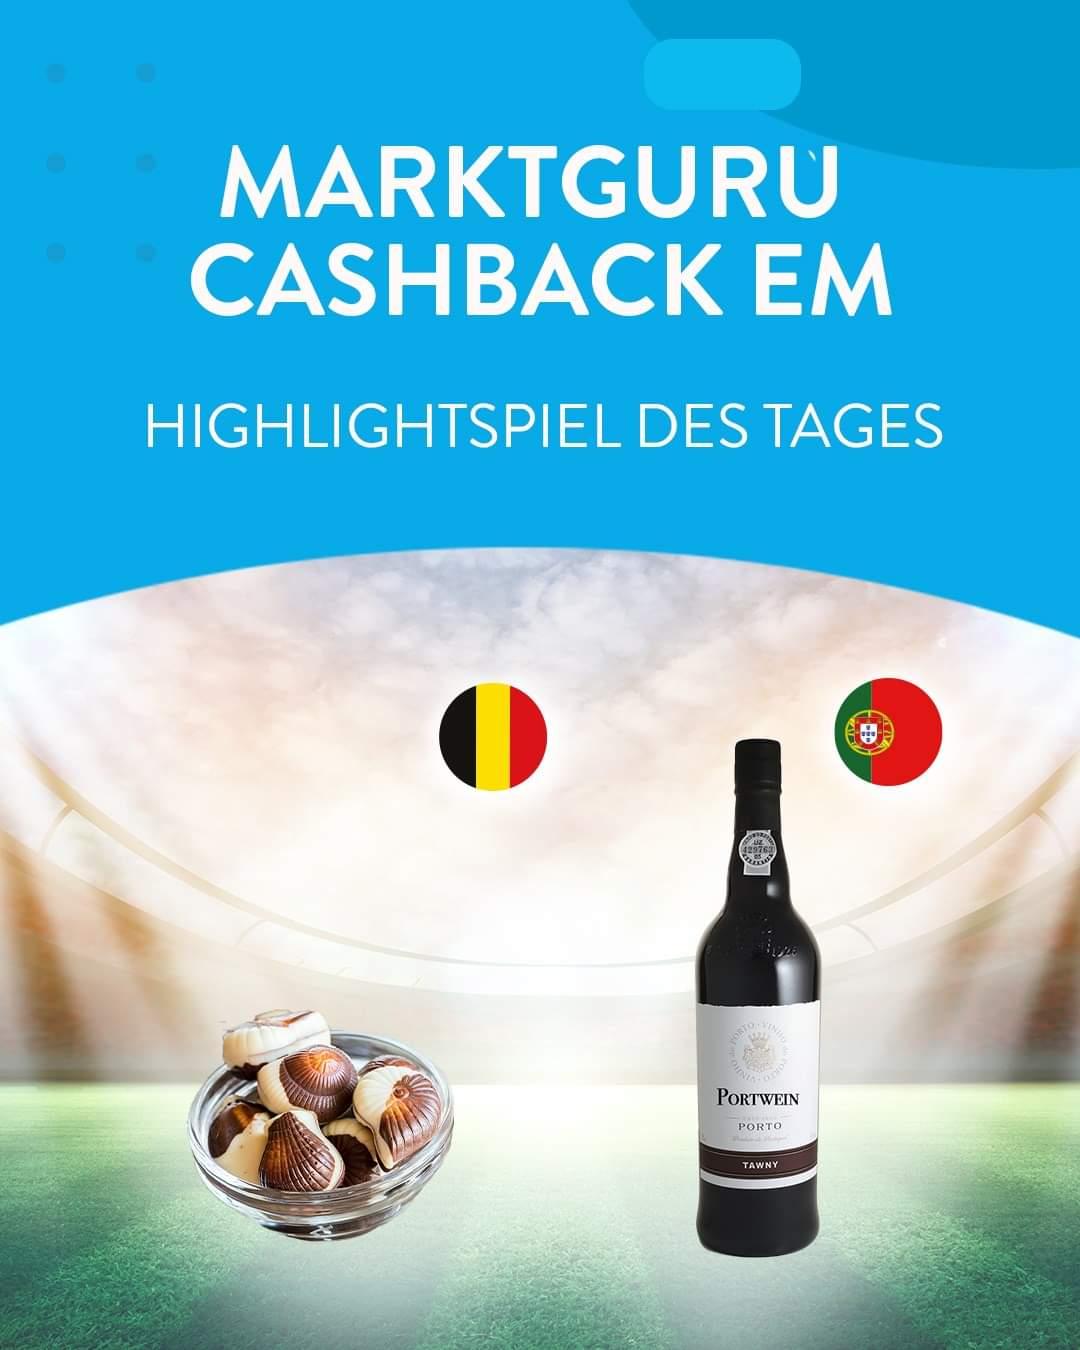 Marktguru Cashback EM